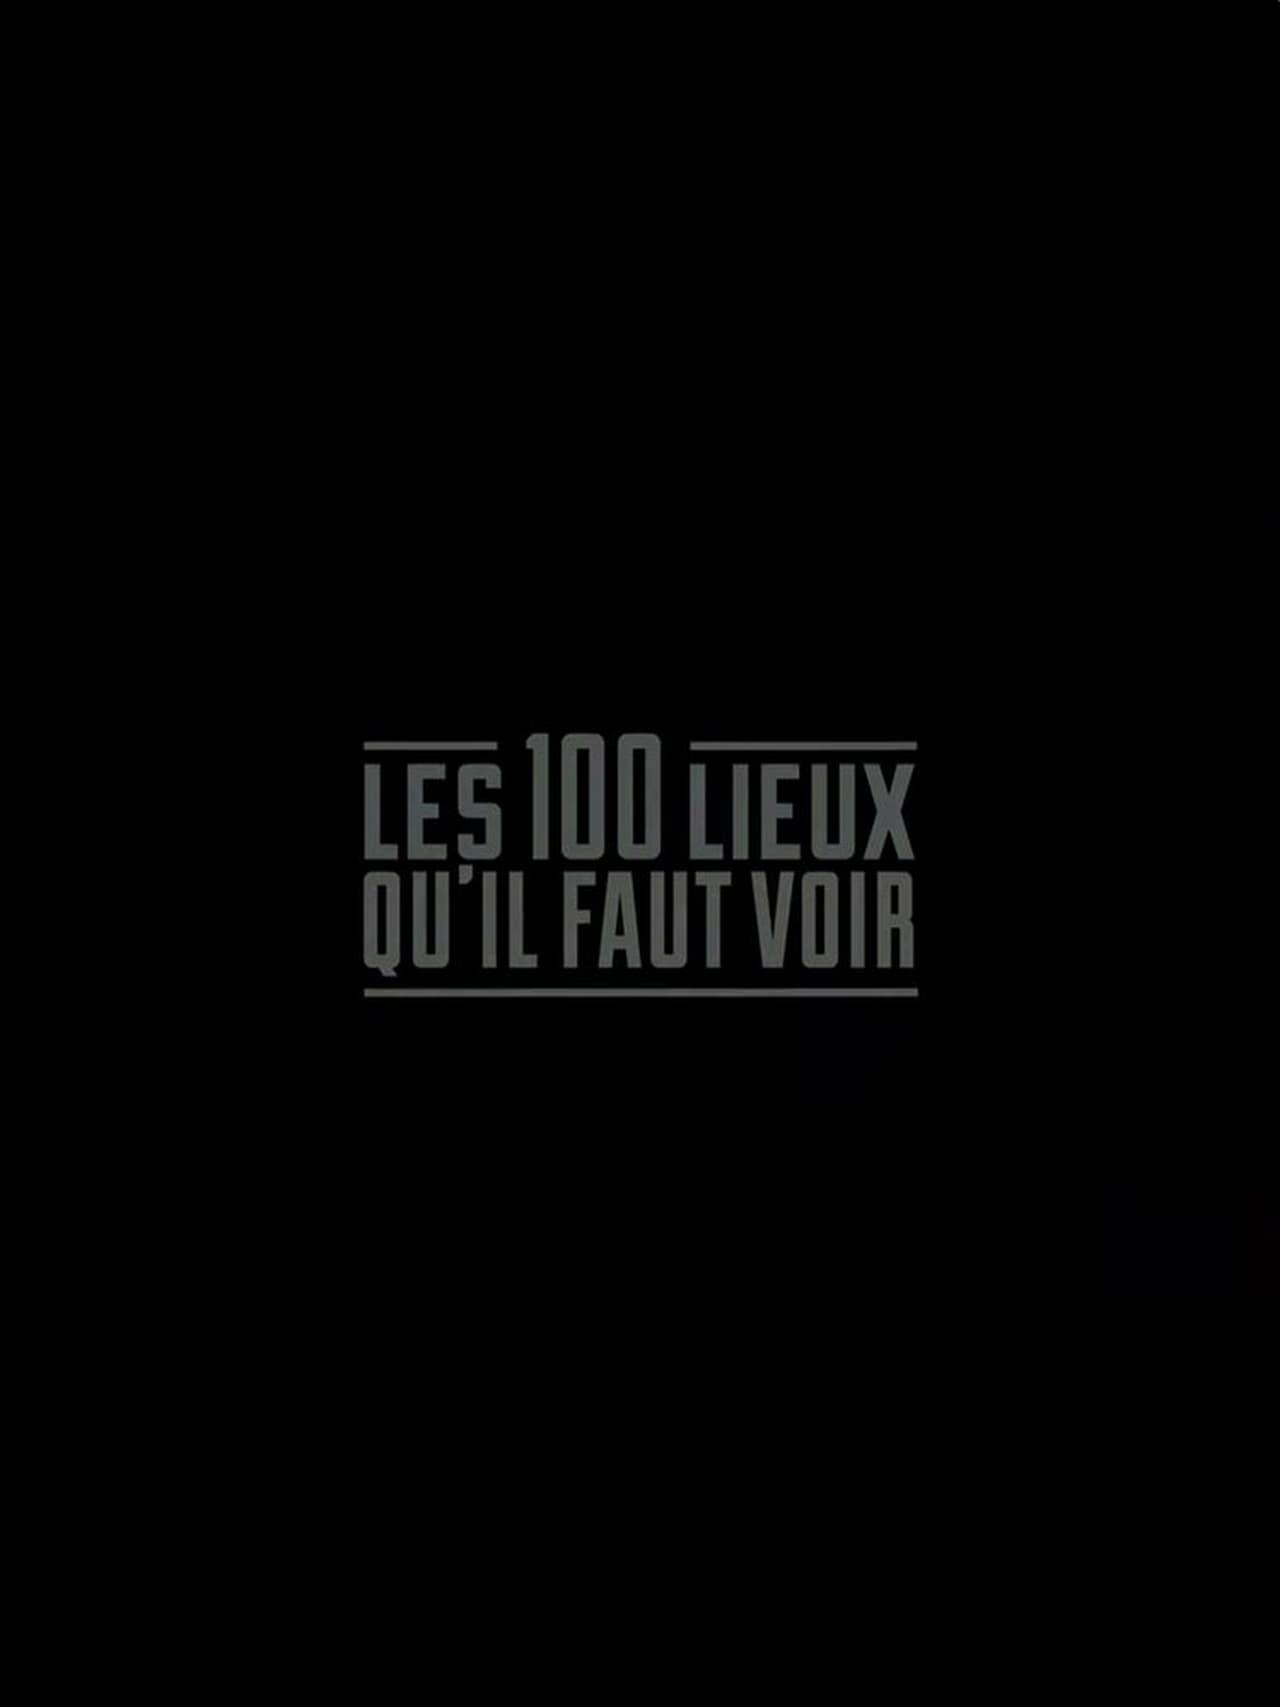 Putlocker Les 100 Lieux Qu'il Faut Voir Season 1 (2014)